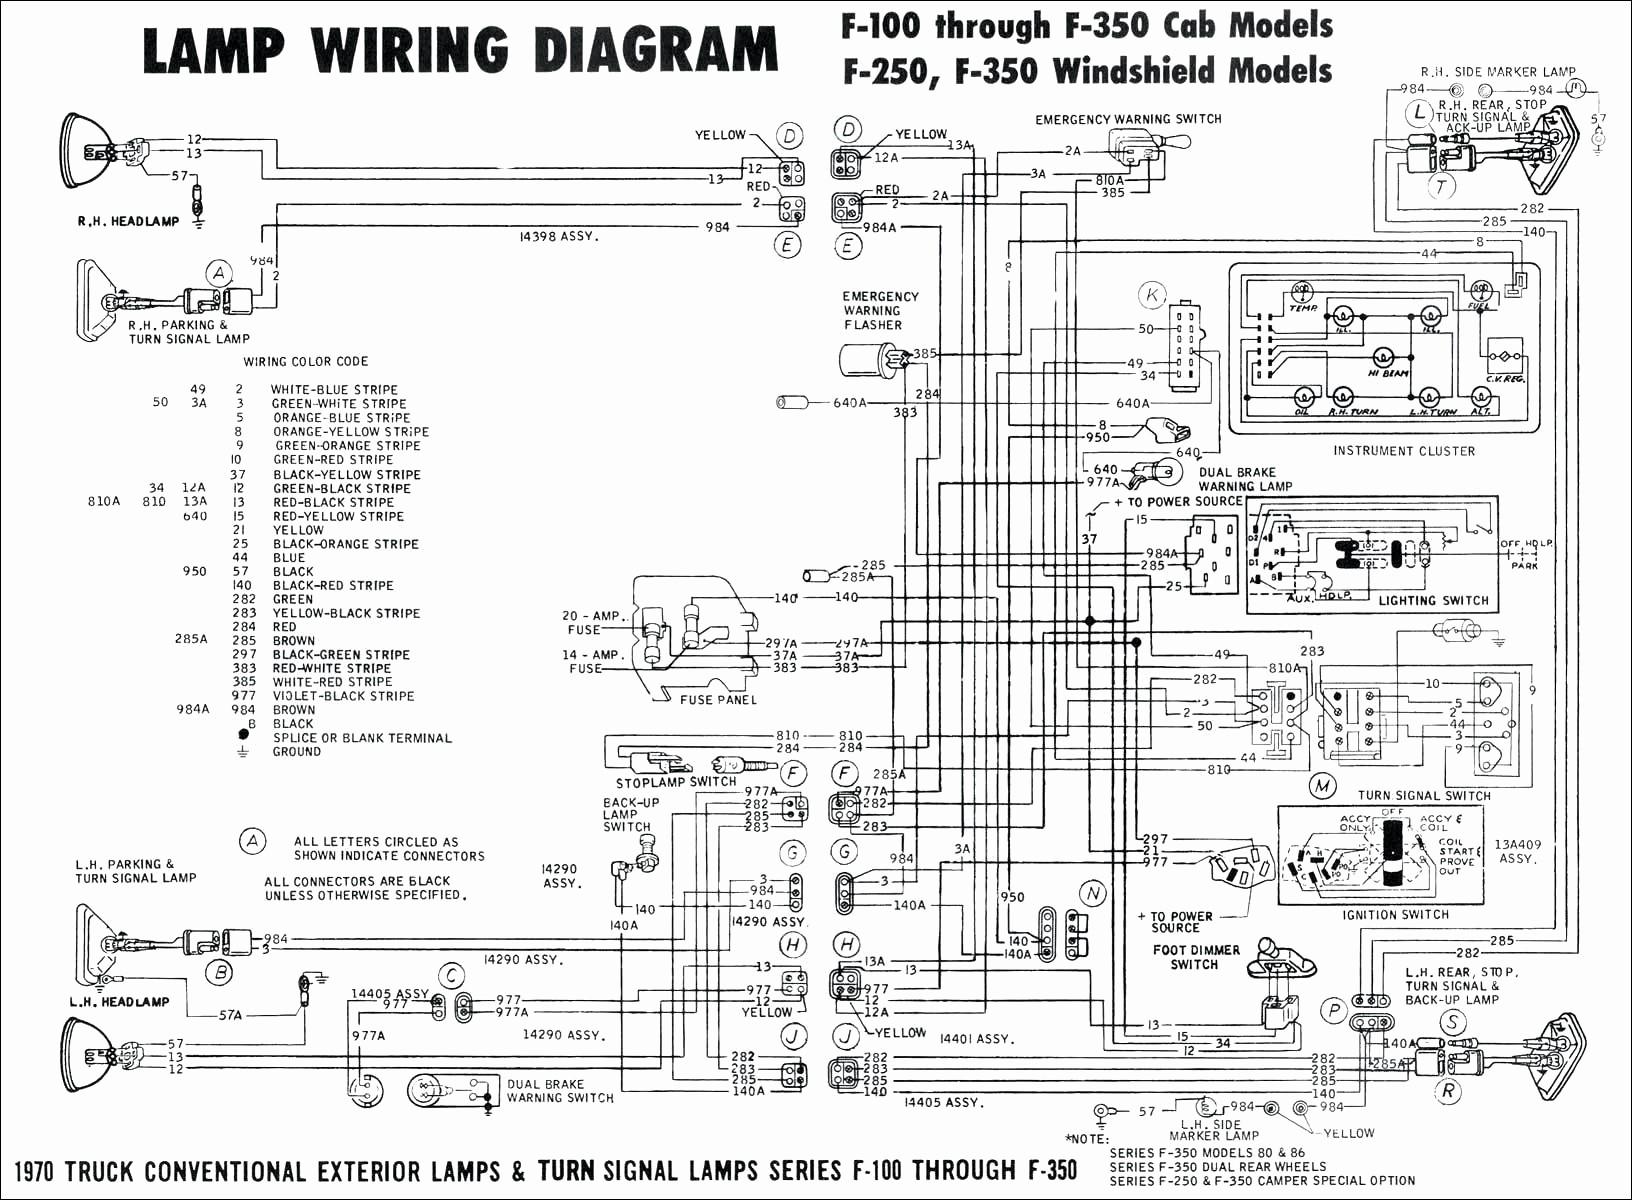 rzt cub cadet wiring diagram hy 0938  cub cadet wiring diagram on wiring diagram for a cub cub cadet rzt l wiring diagram hy 0938  cub cadet wiring diagram on